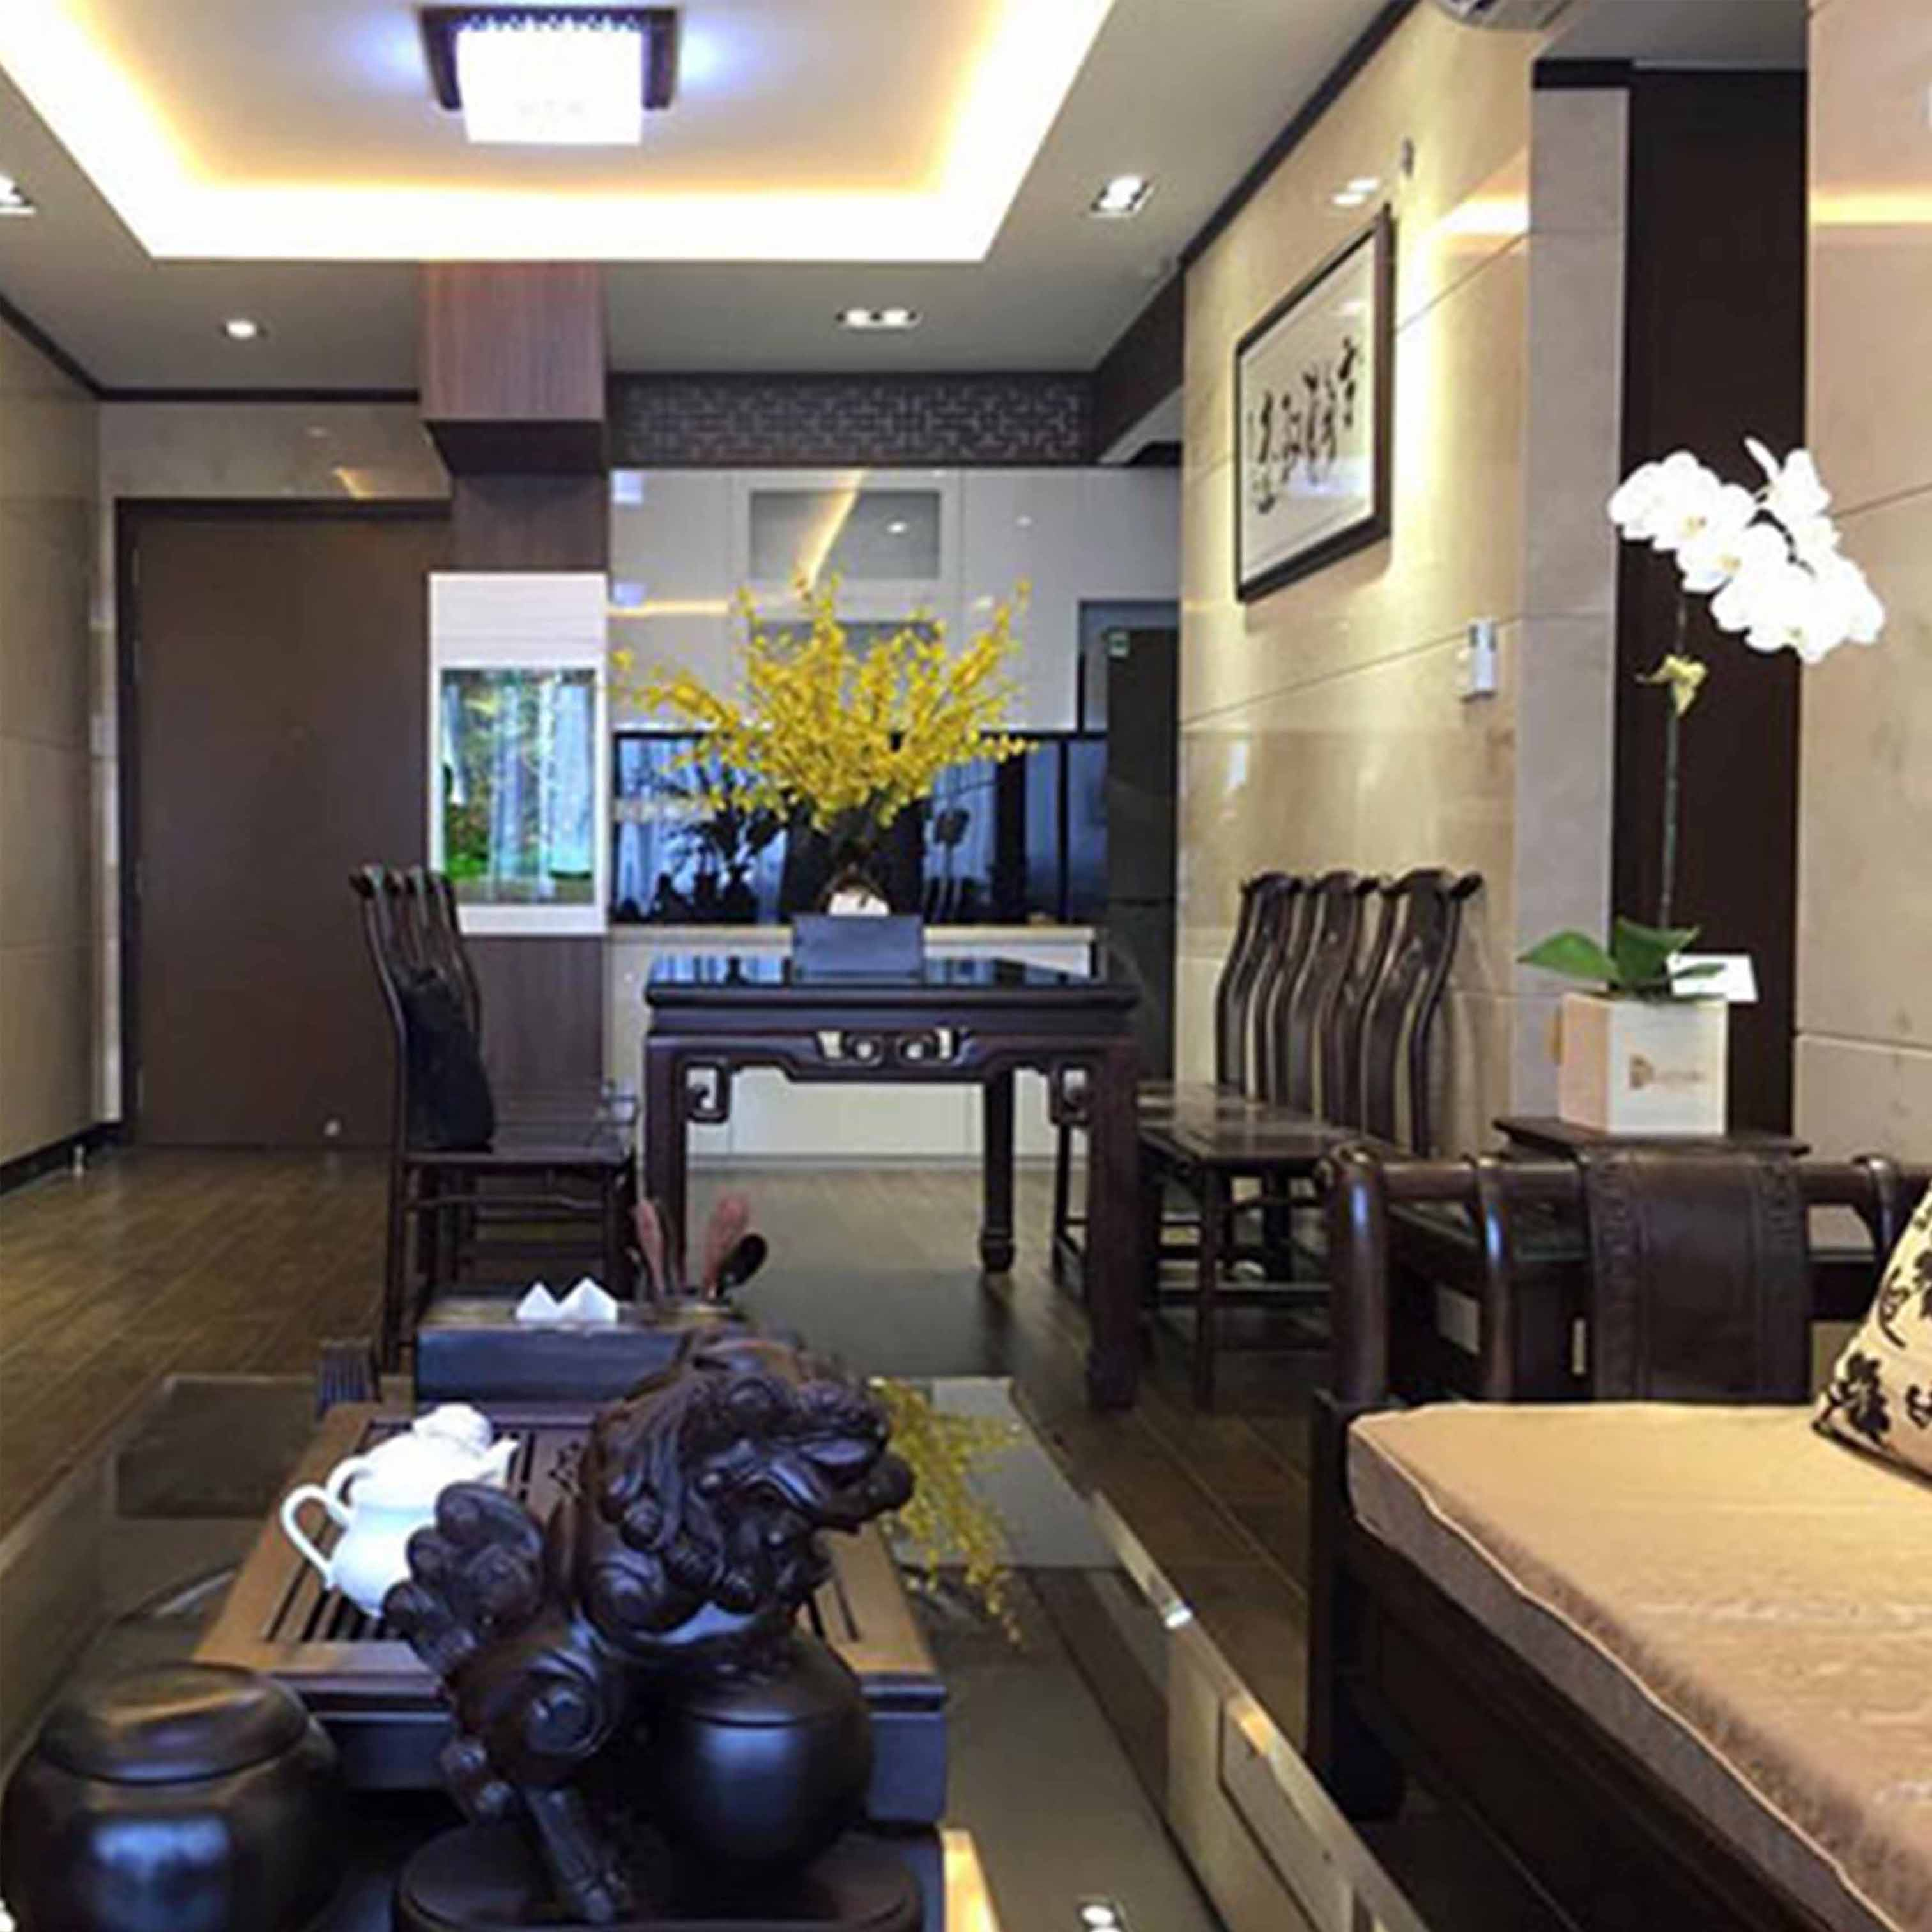 Thiết kế và thi công nội thất căn hộ chung cư - TK9LHFU